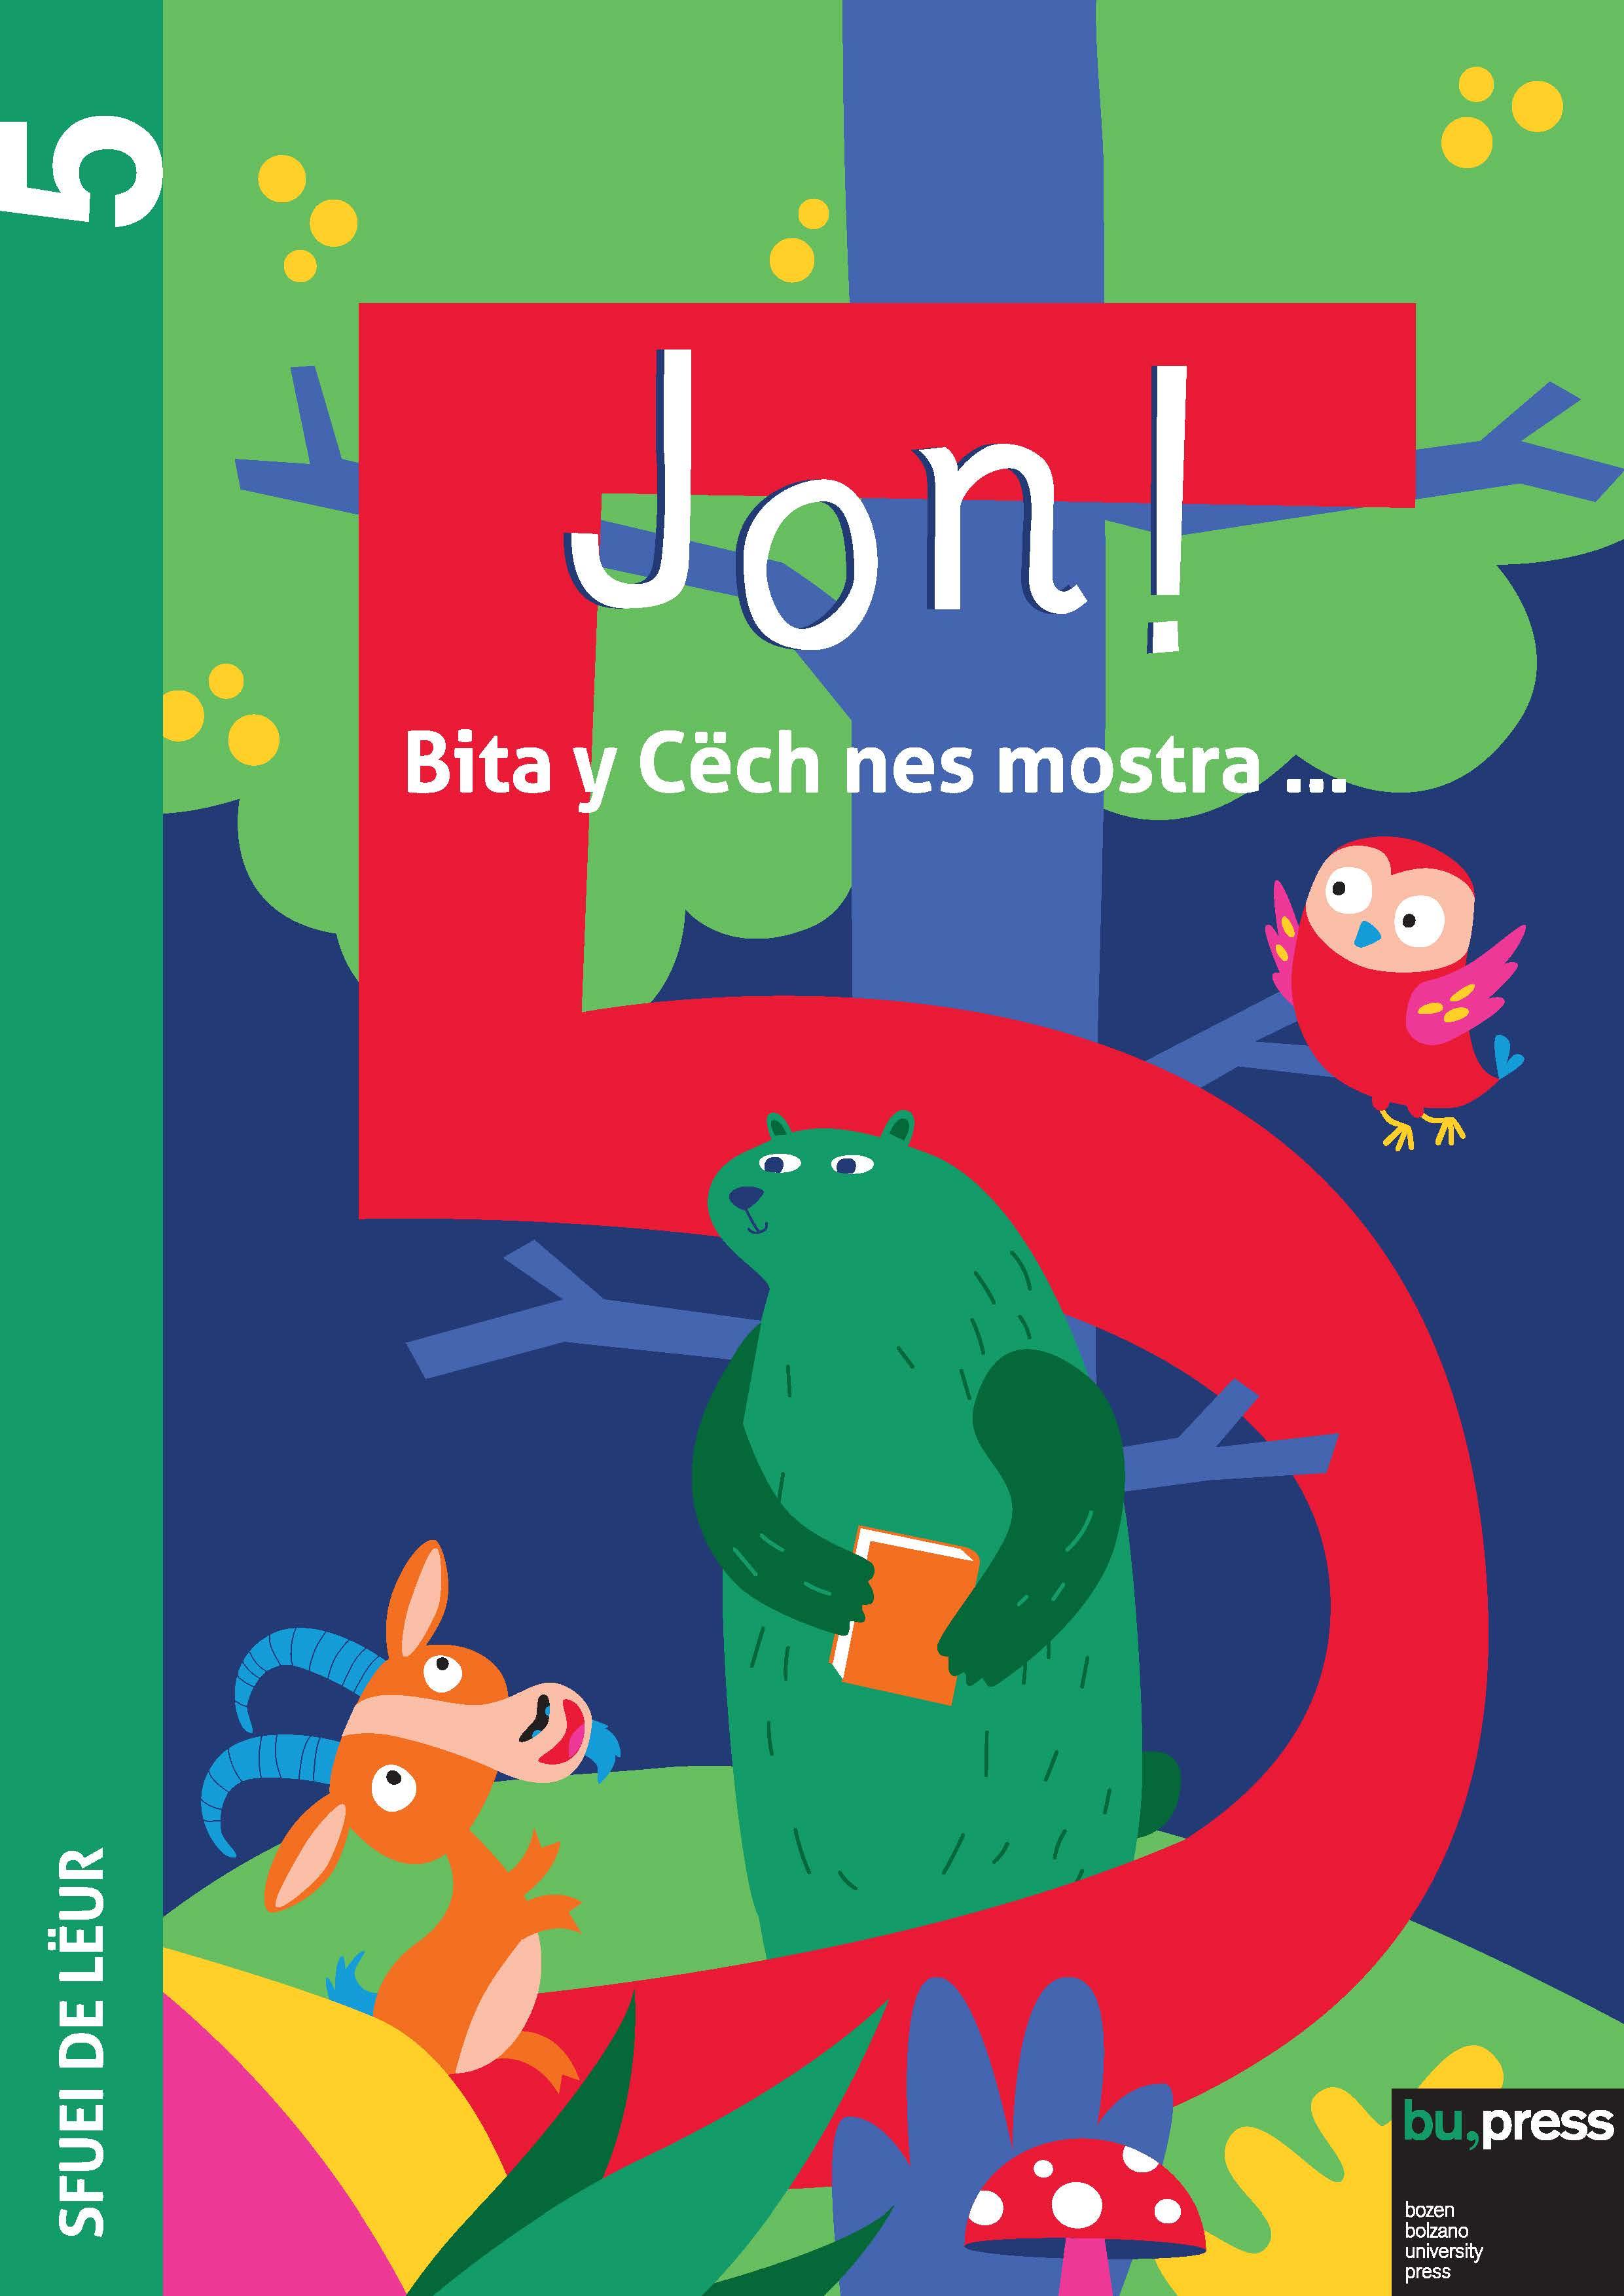 Cover of Jon! 5 – Sfuei de lëur